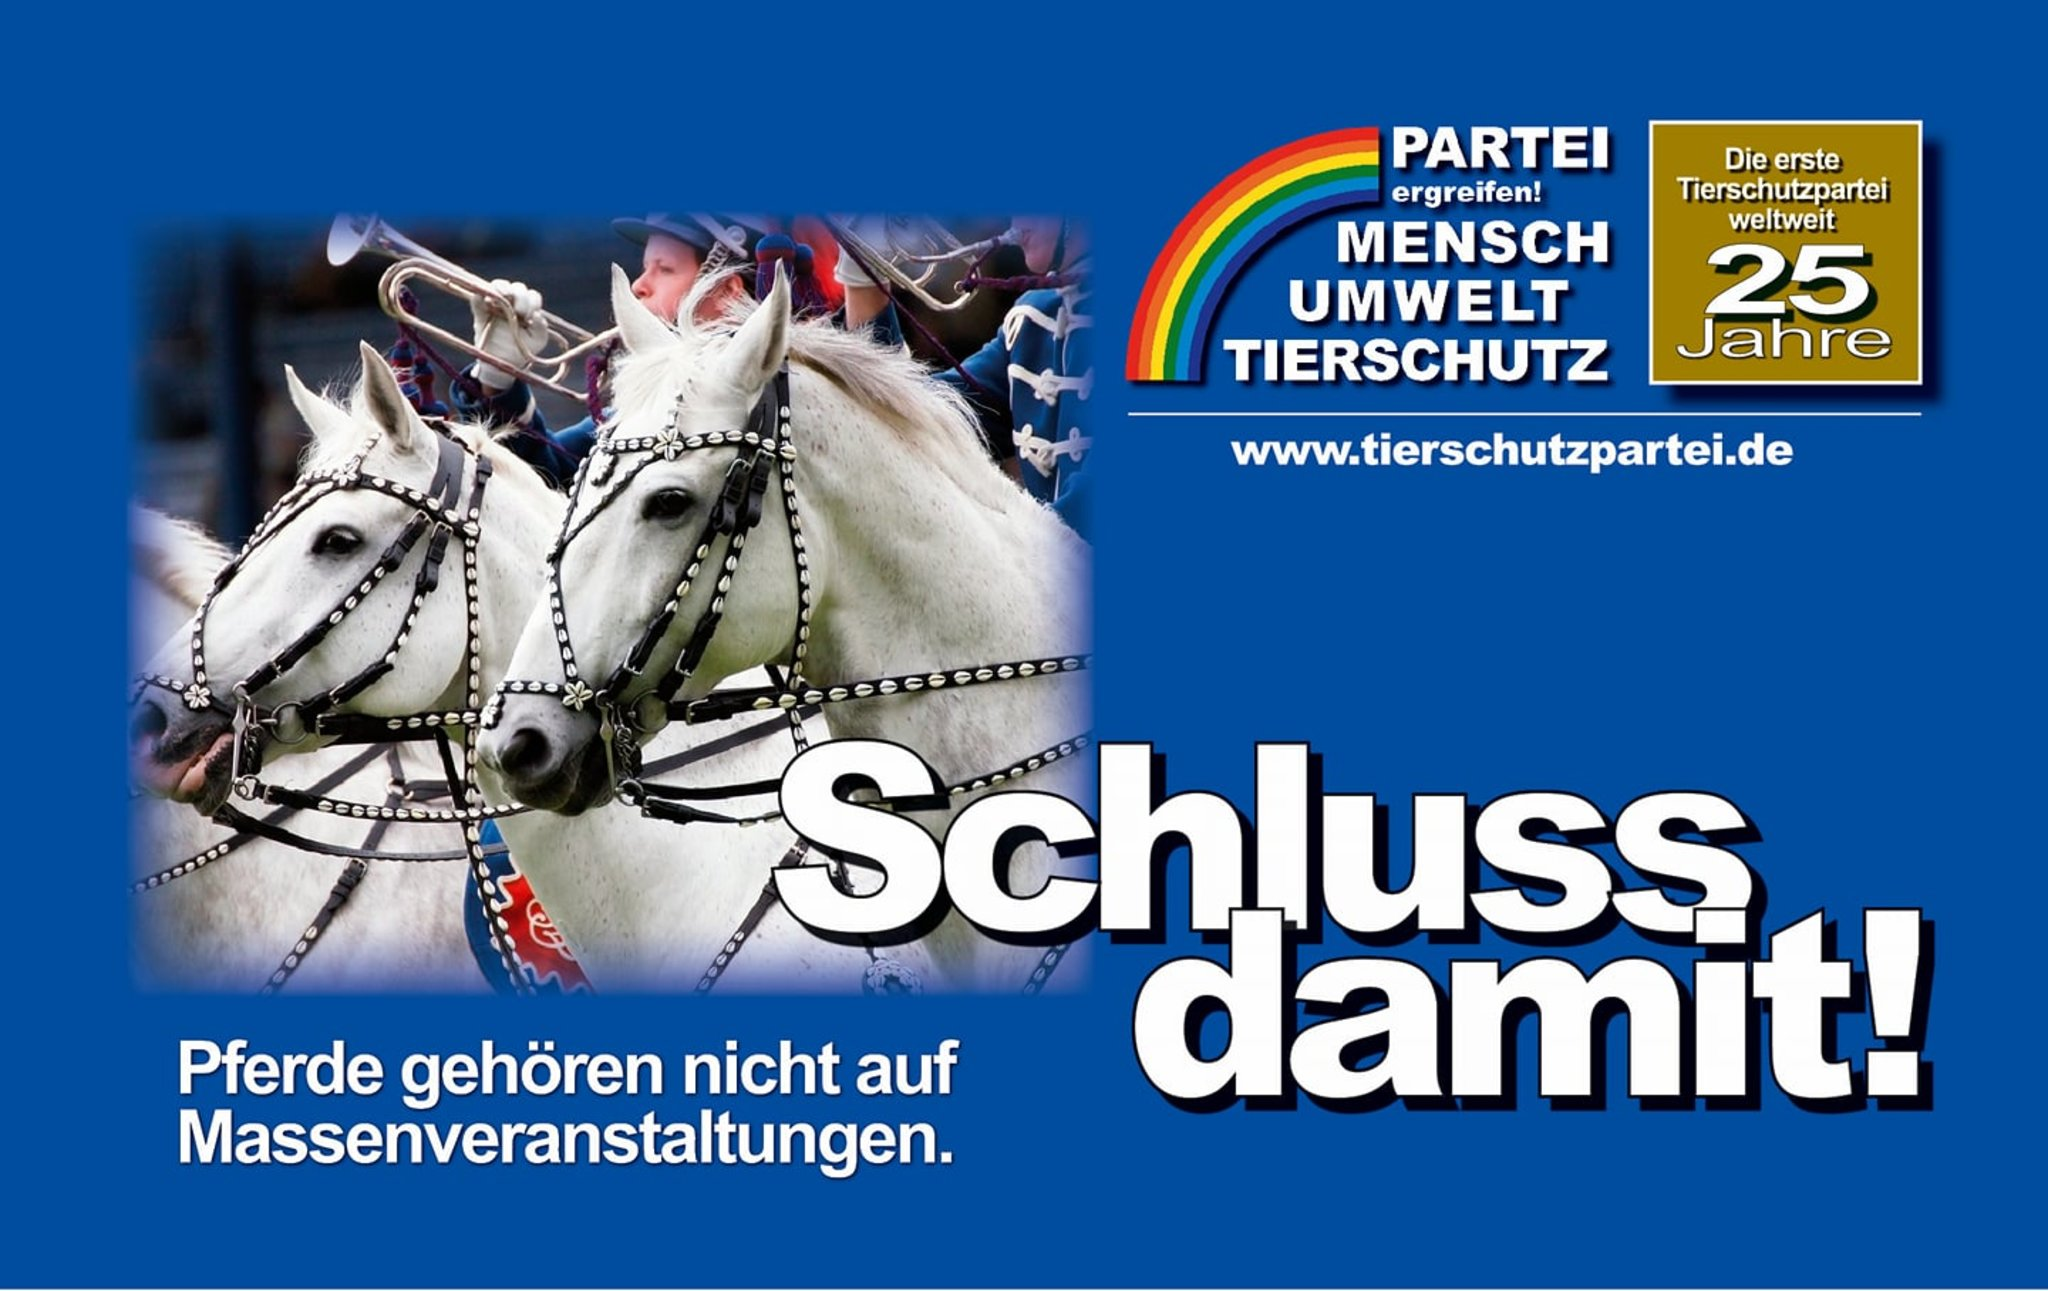 Tierschutzpartei Nrw